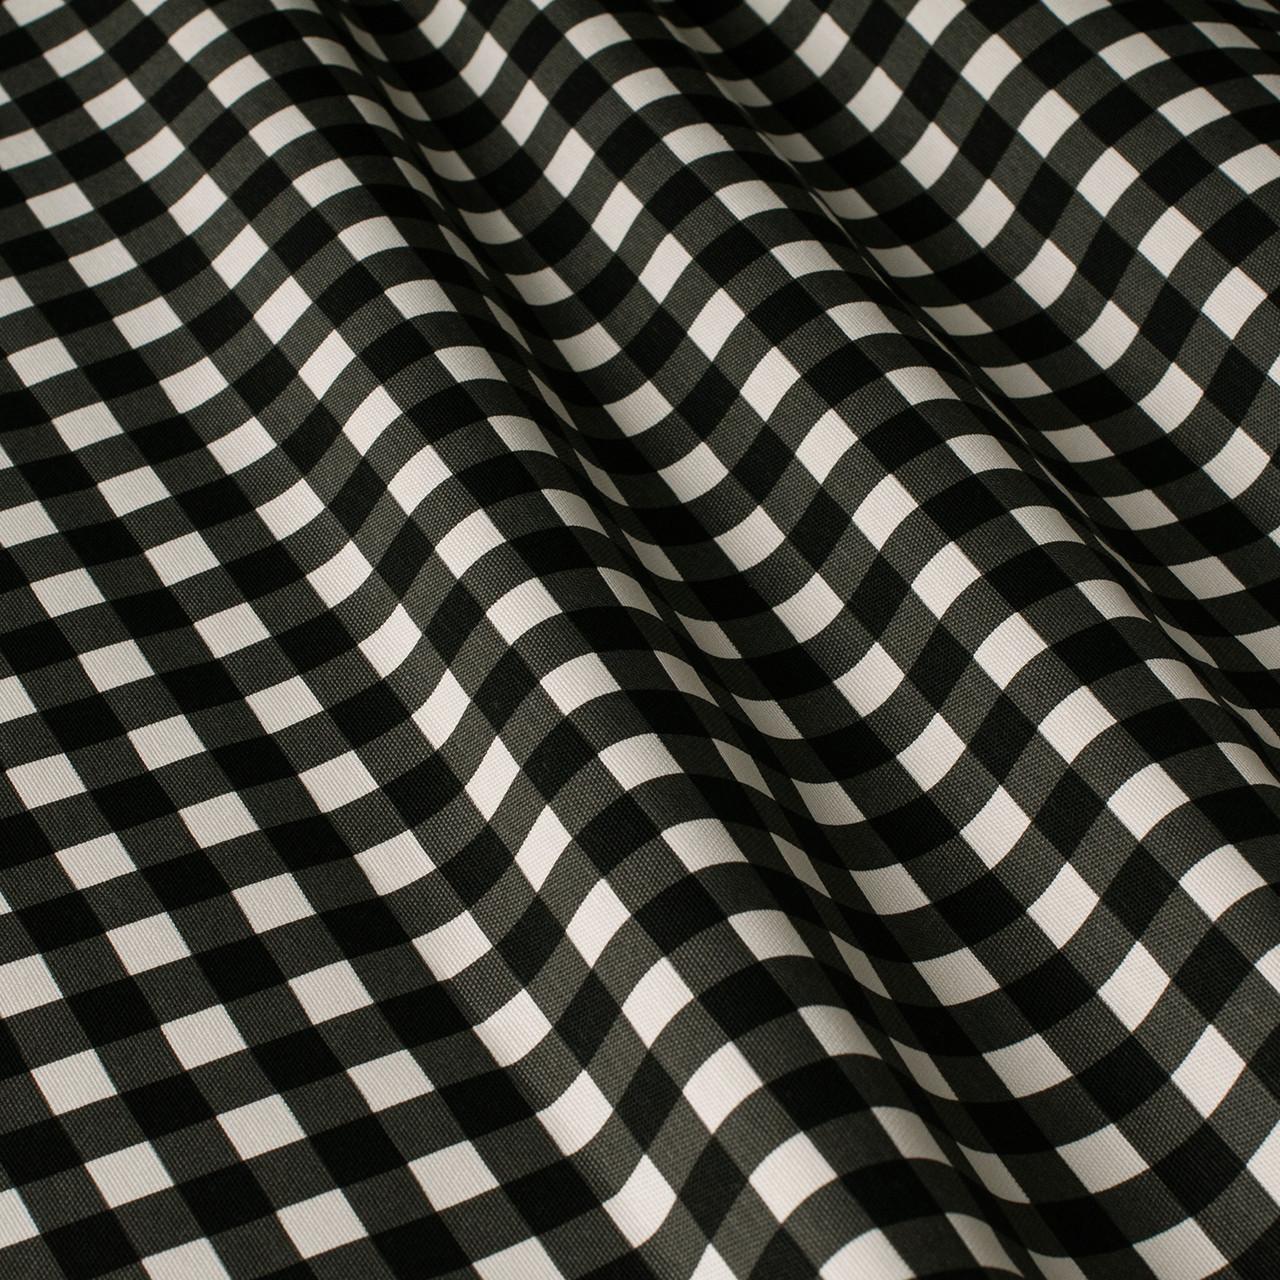 Декоративная ткань в мелкую клетку черно-белая Турция 180 см 84577v31